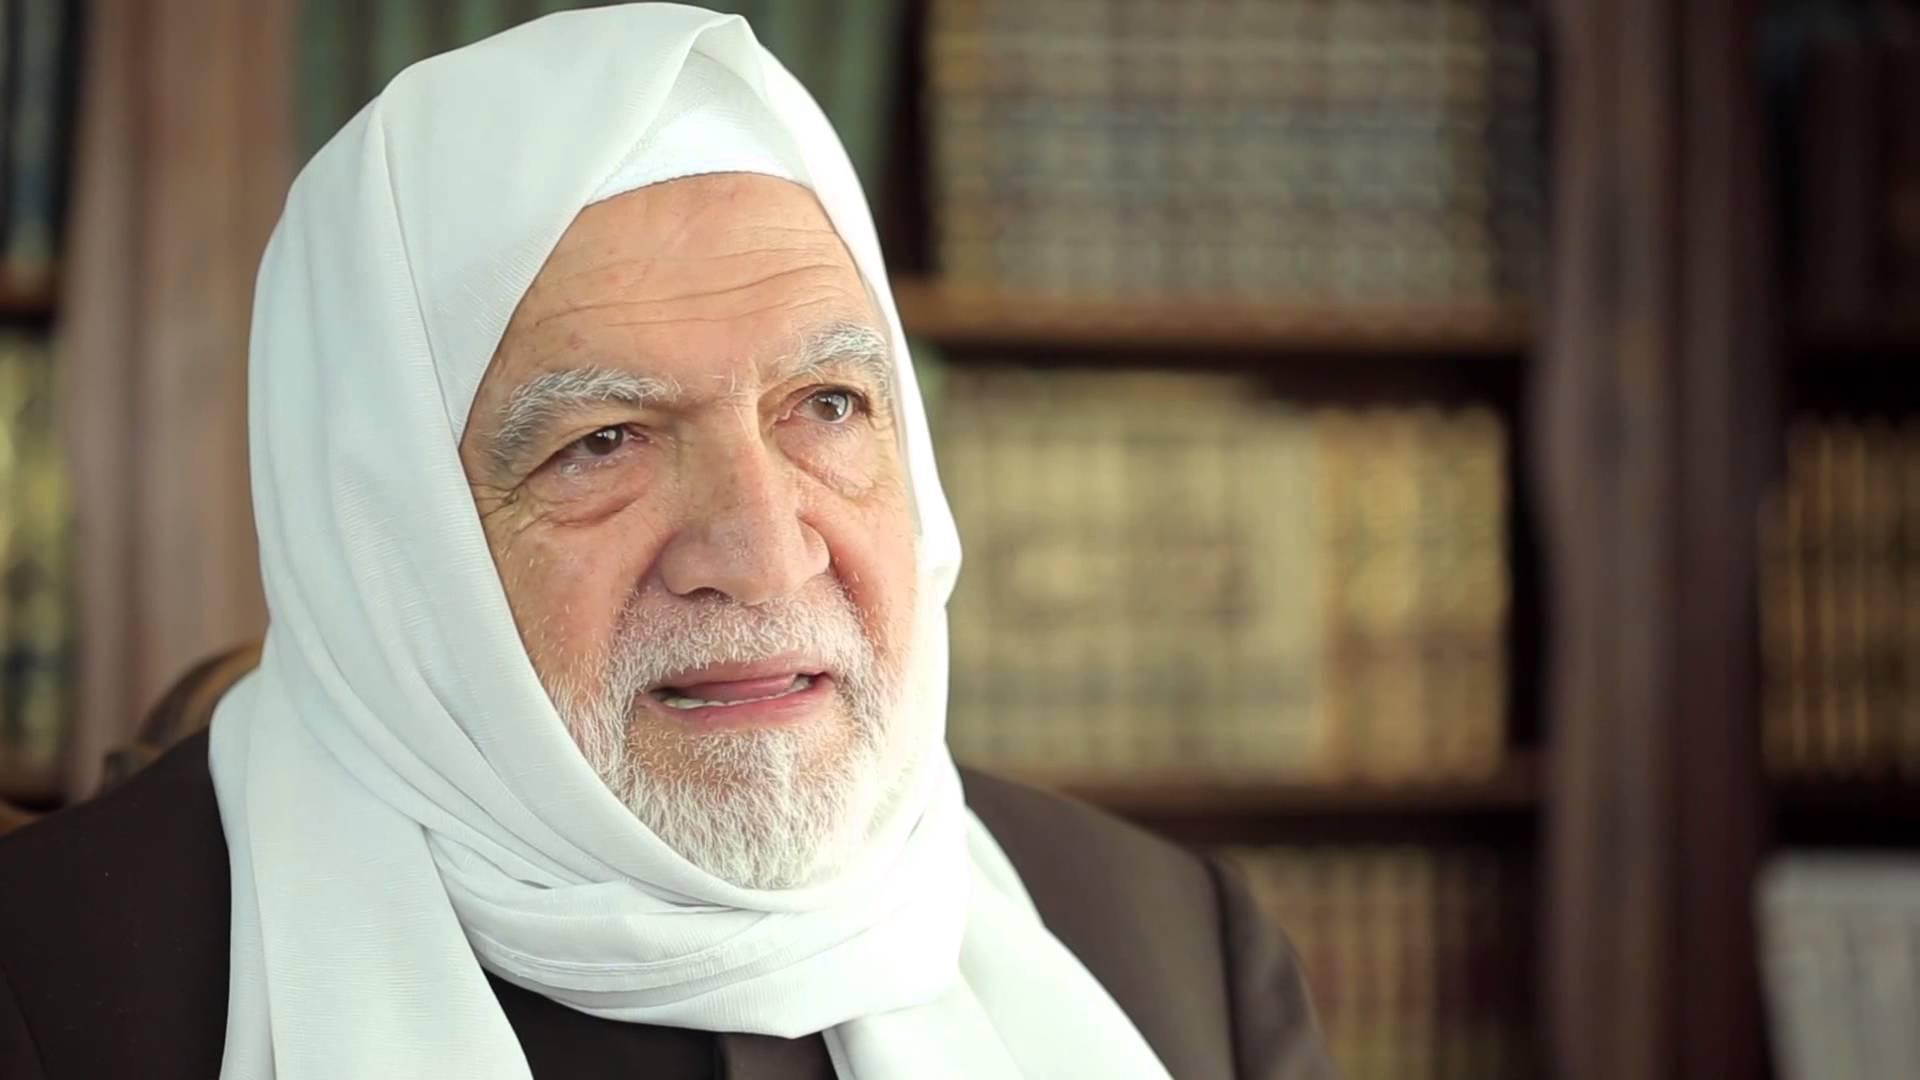 رئيس المجلس الإسلامي السوري: يطالب بمد الثورة السورية بكافة أشكال الدعم المادي والمعنوي بدلاً من المقاتلين